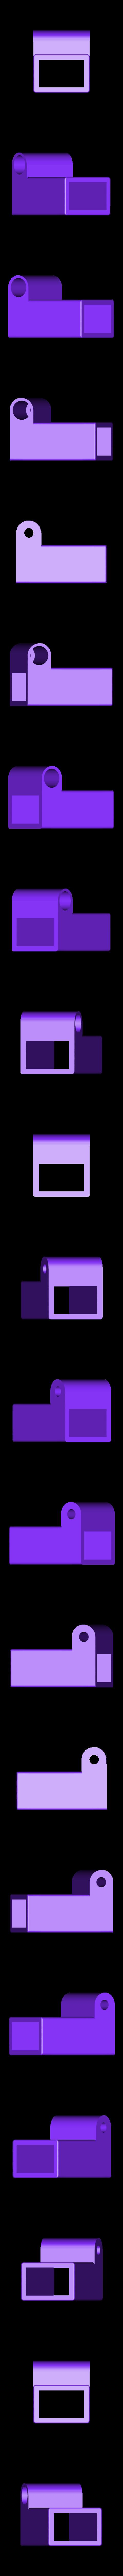 CR10_USB-mount_by_Baschz-Leeft_TOP.stl Télécharger fichier STL gratuit Support USB pour extrusion en V (par exemple CR-10, Tevo Tornado, Anycubic Kossel, Anet E10) • Design pour impression 3D, baschz